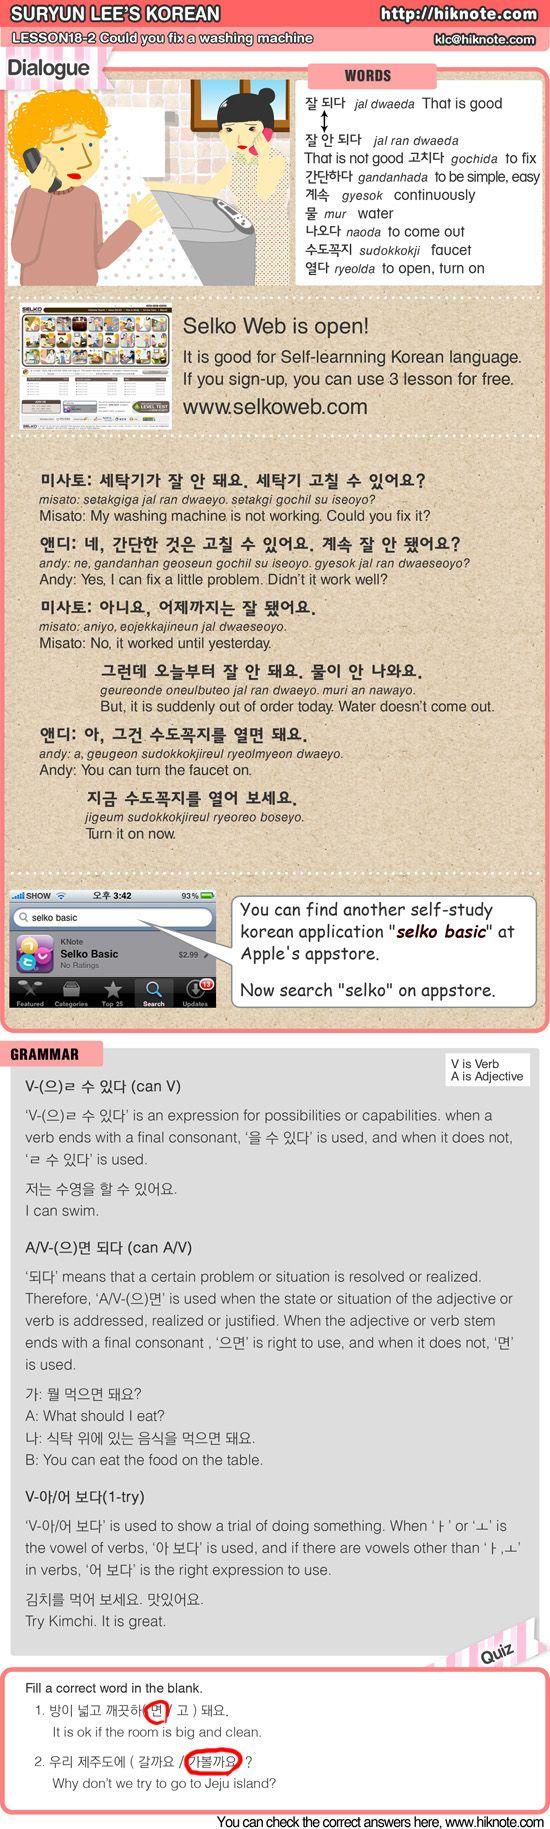 36 18-2 Suryun Lee's Korean Could you fix a washing machine